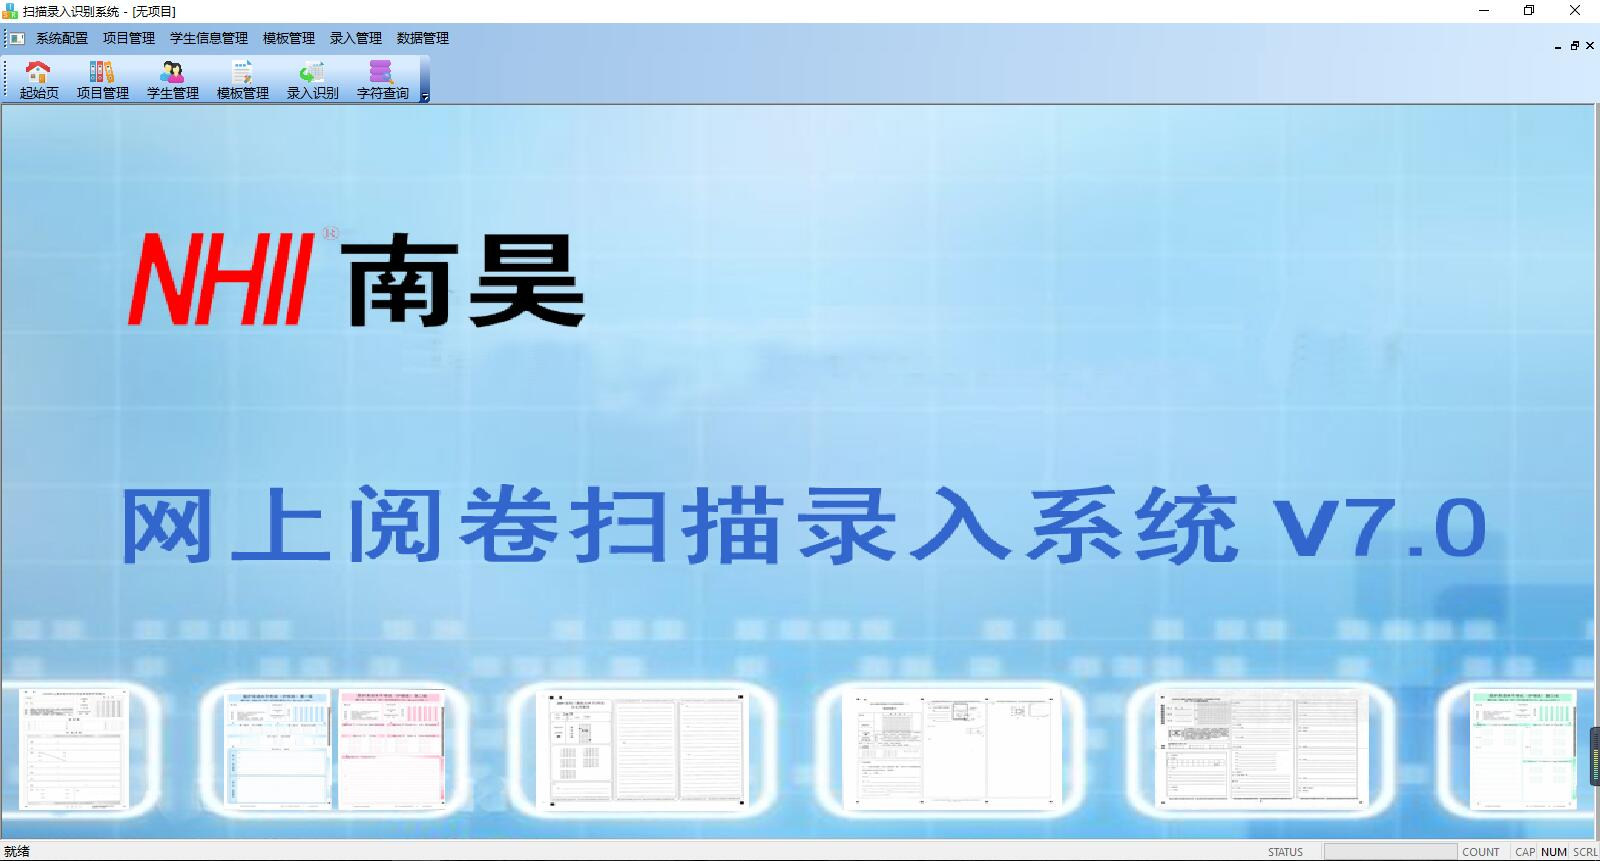 湖北网上阅卷 网上阅卷厂家为您服务|新闻动态-河北文柏云考科技发展有限公司